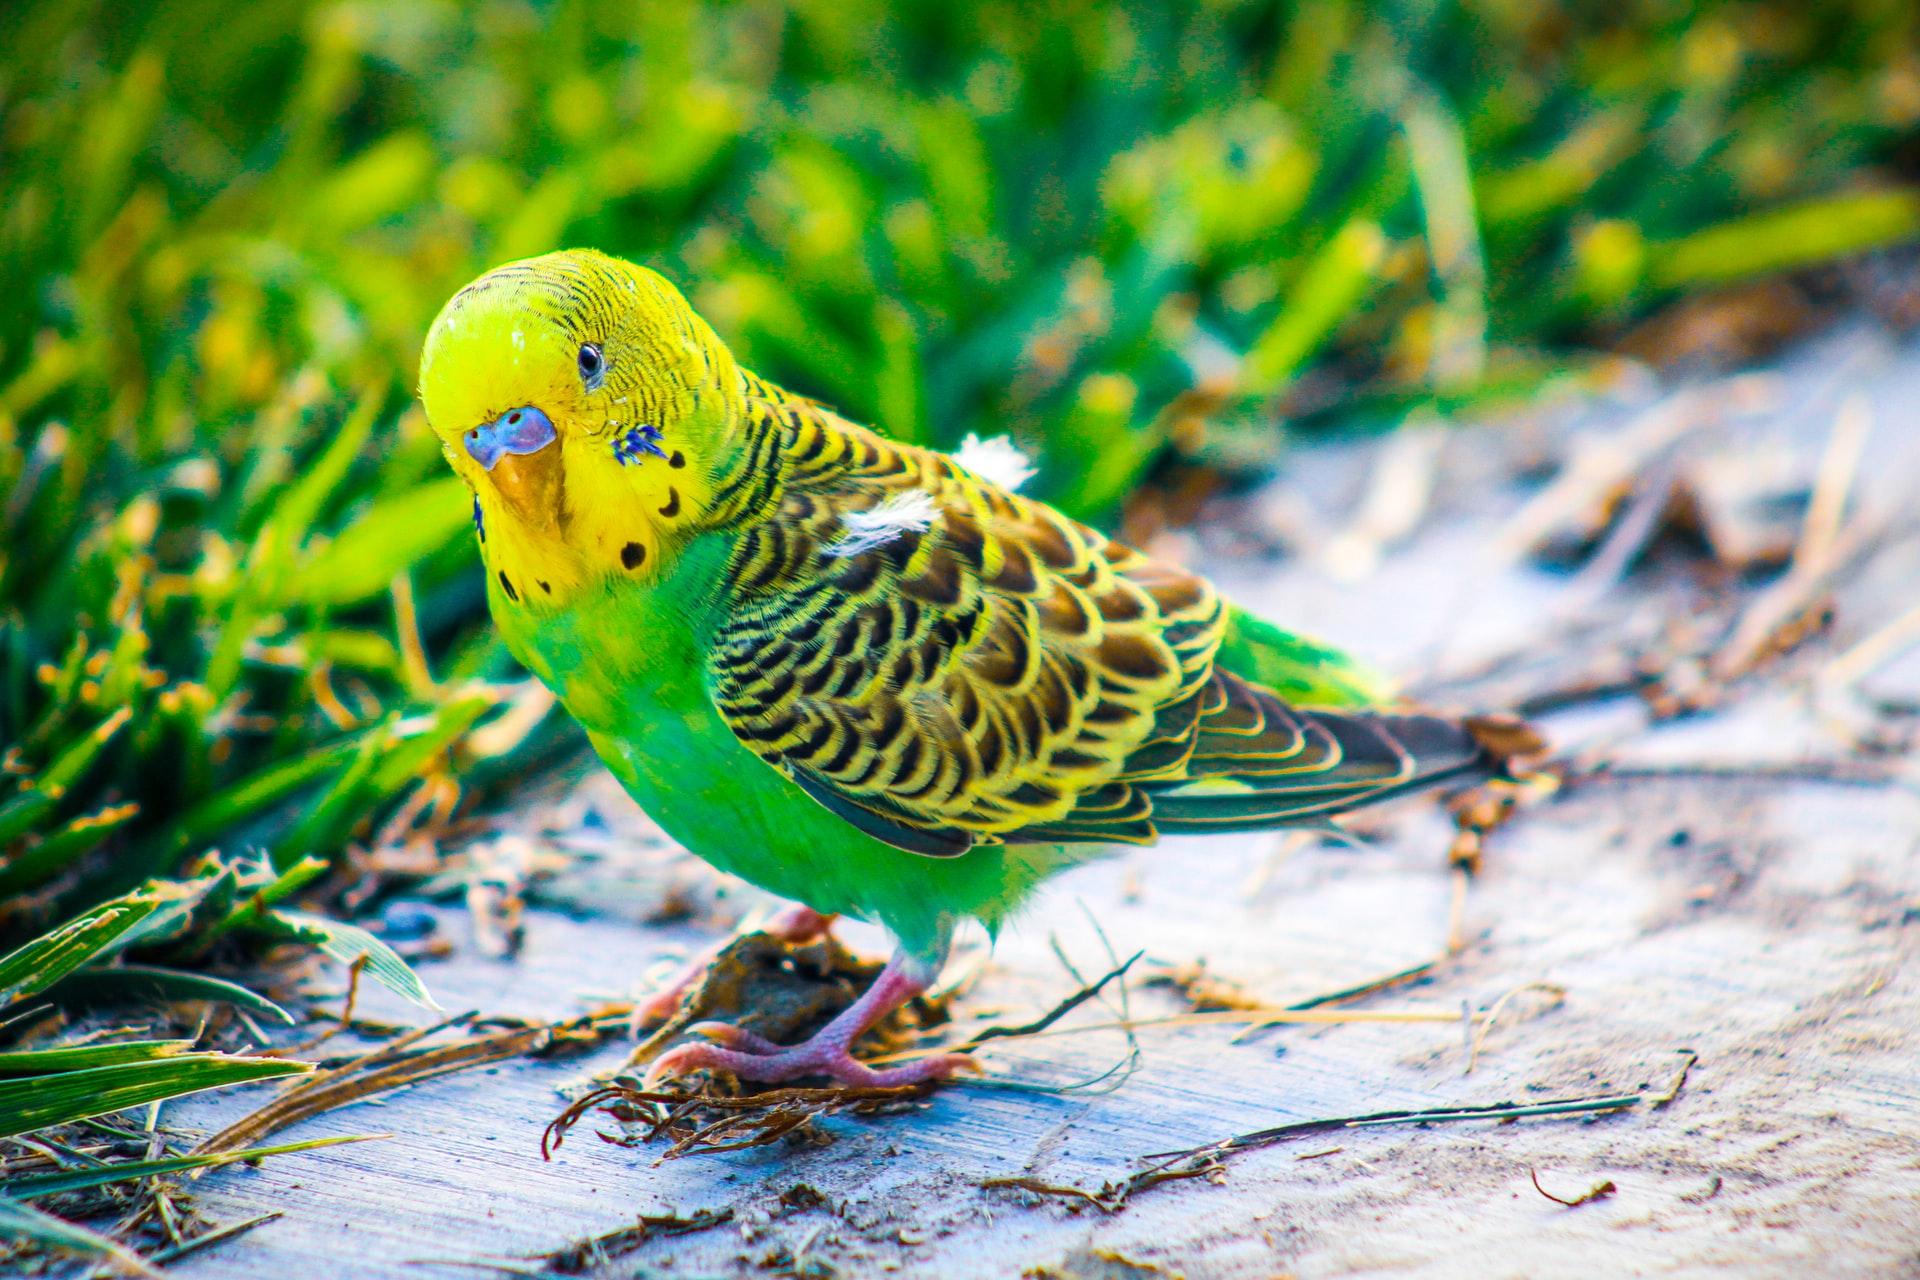 Aves exóticas domésticas